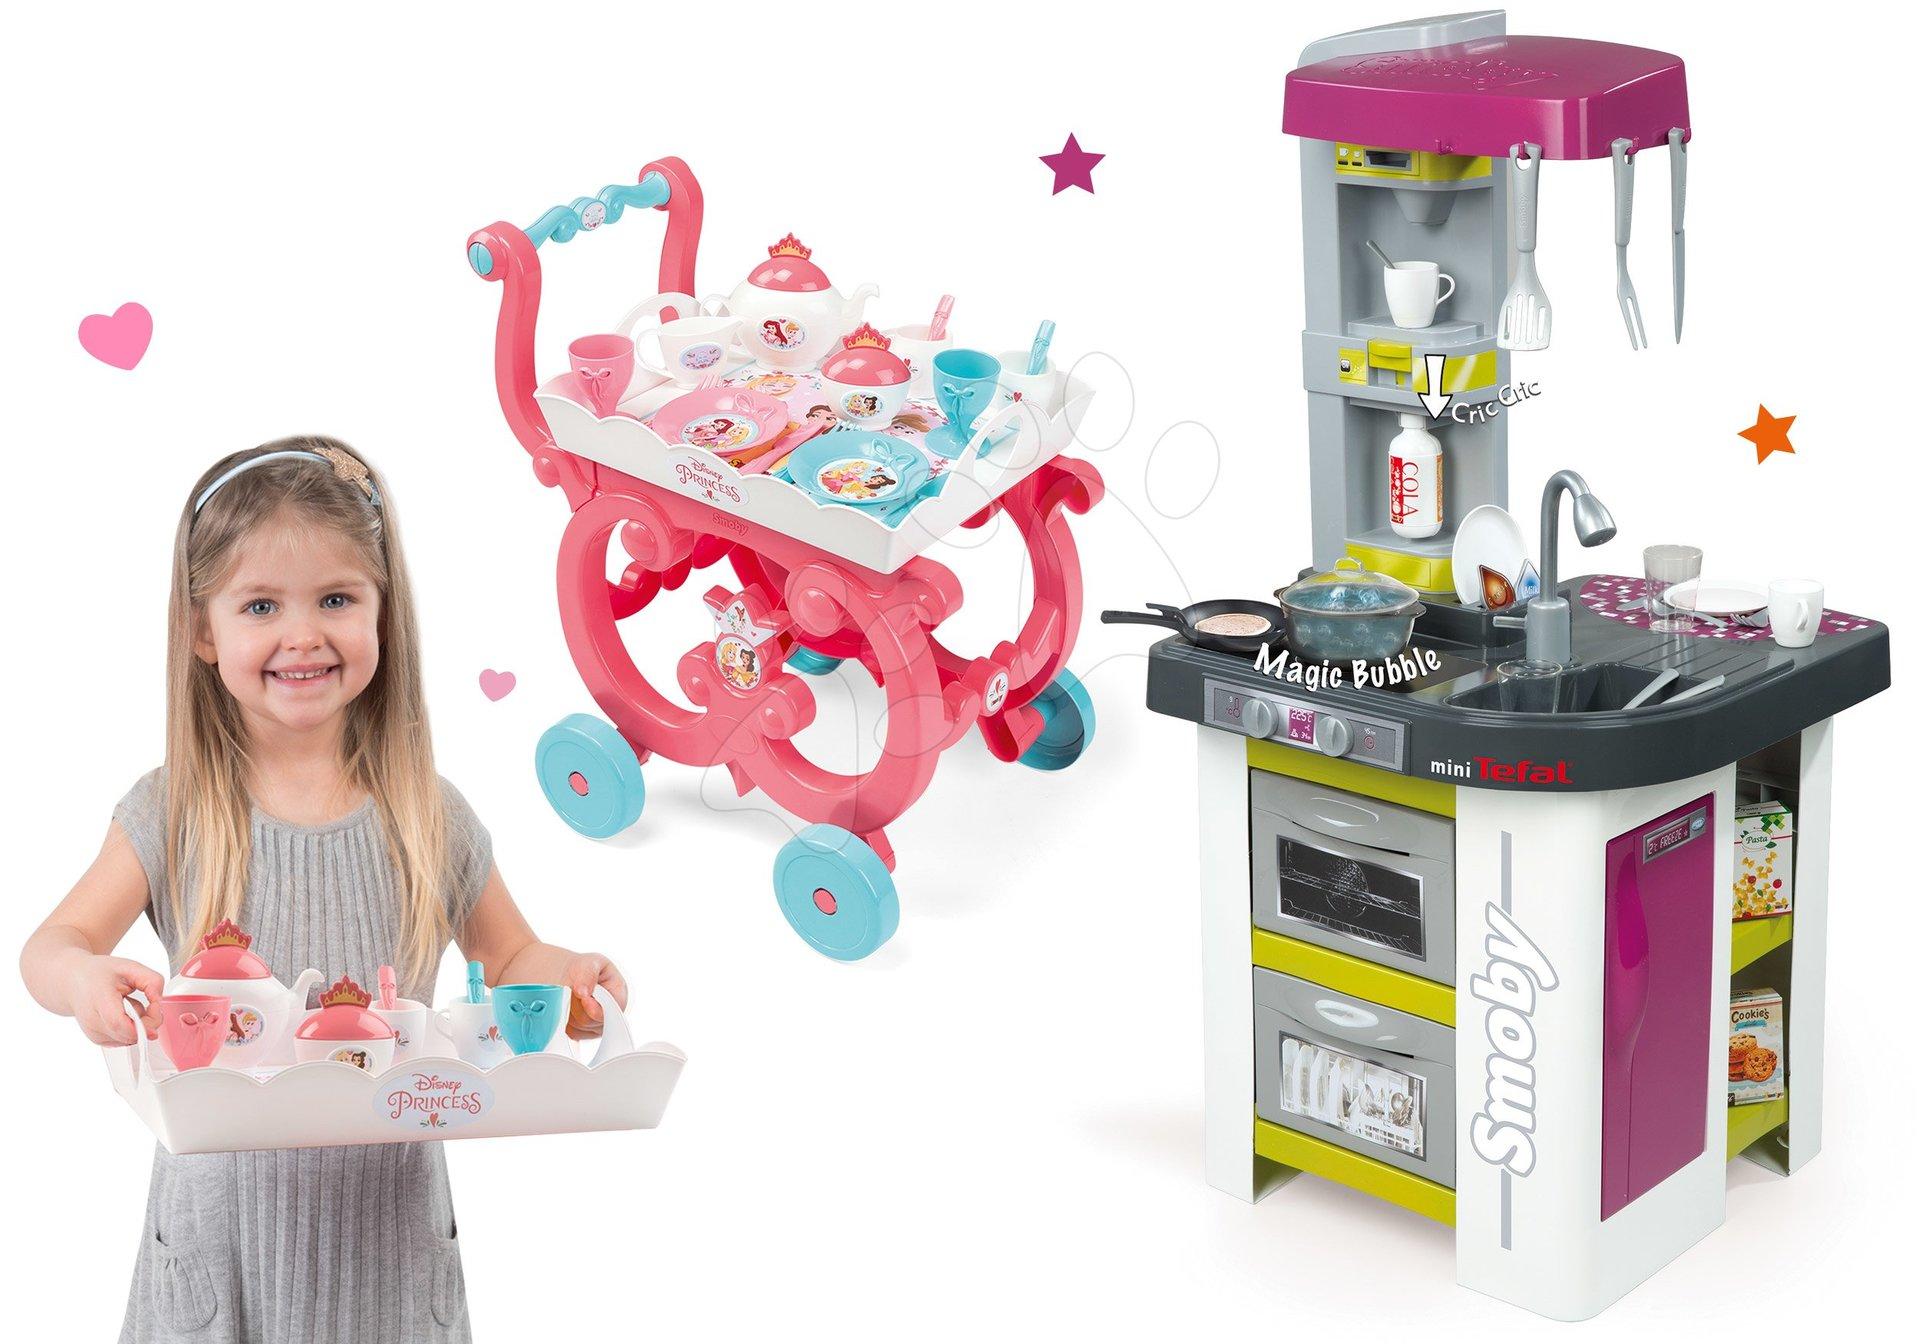 Set kuchyňka Tefal Studio Barbecue Smoby s magickým bubláním a servírovací vozík se snídaní